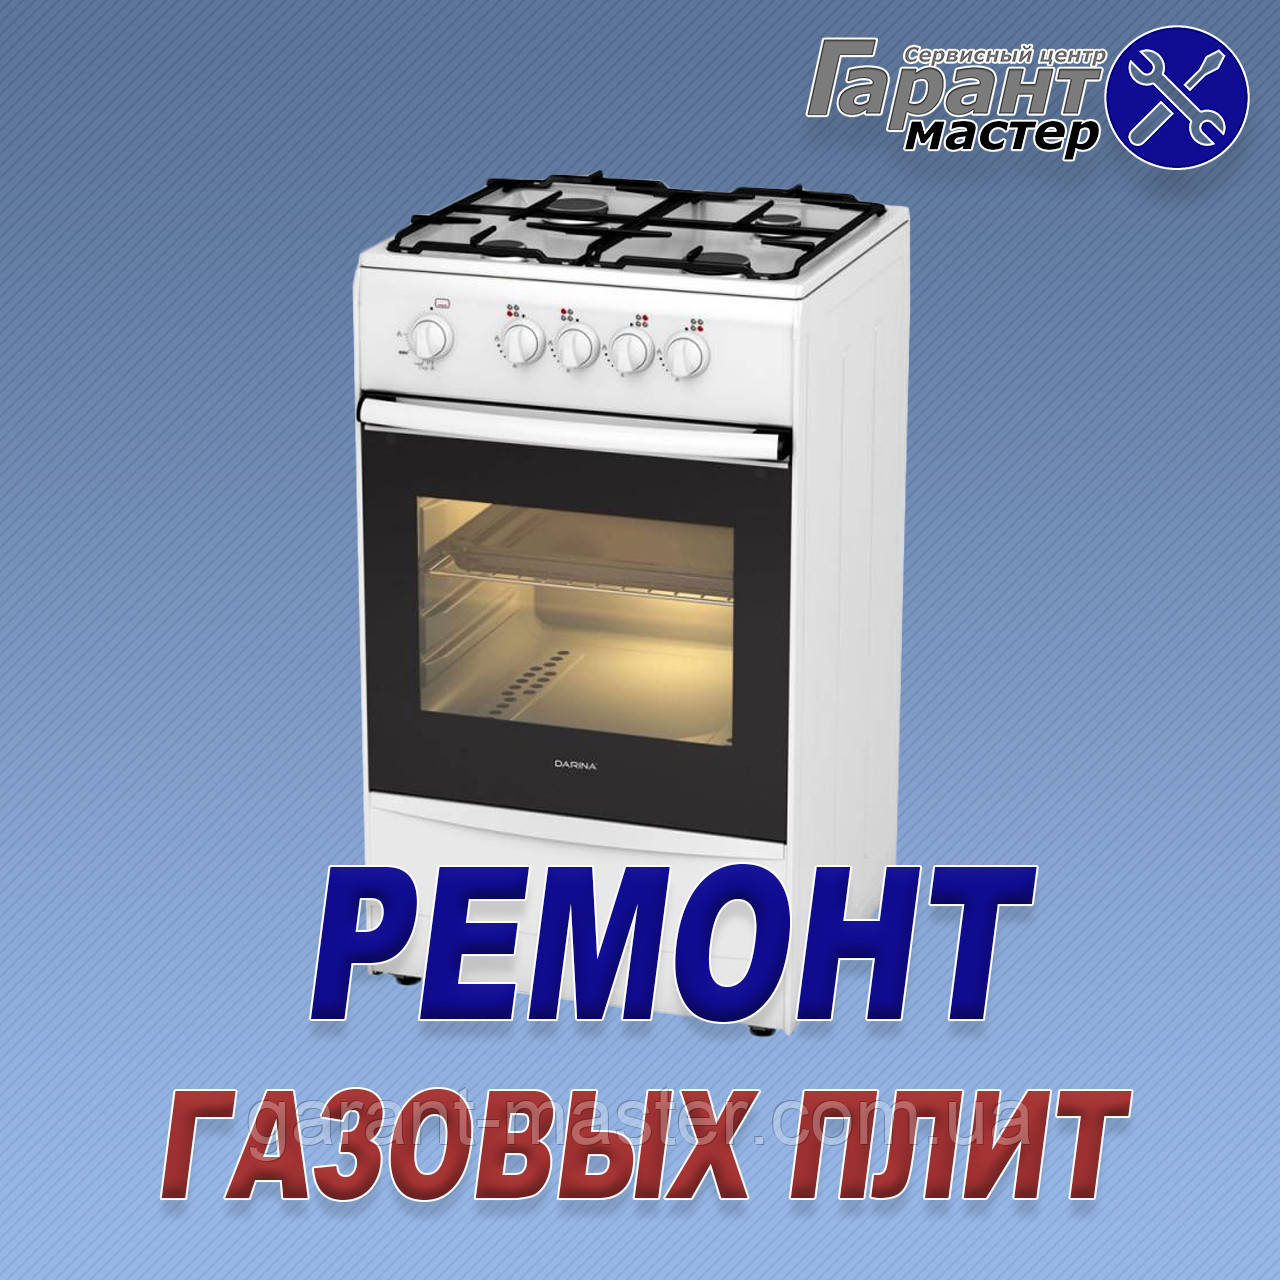 Наиболее распространенные проблемы с газовой печью